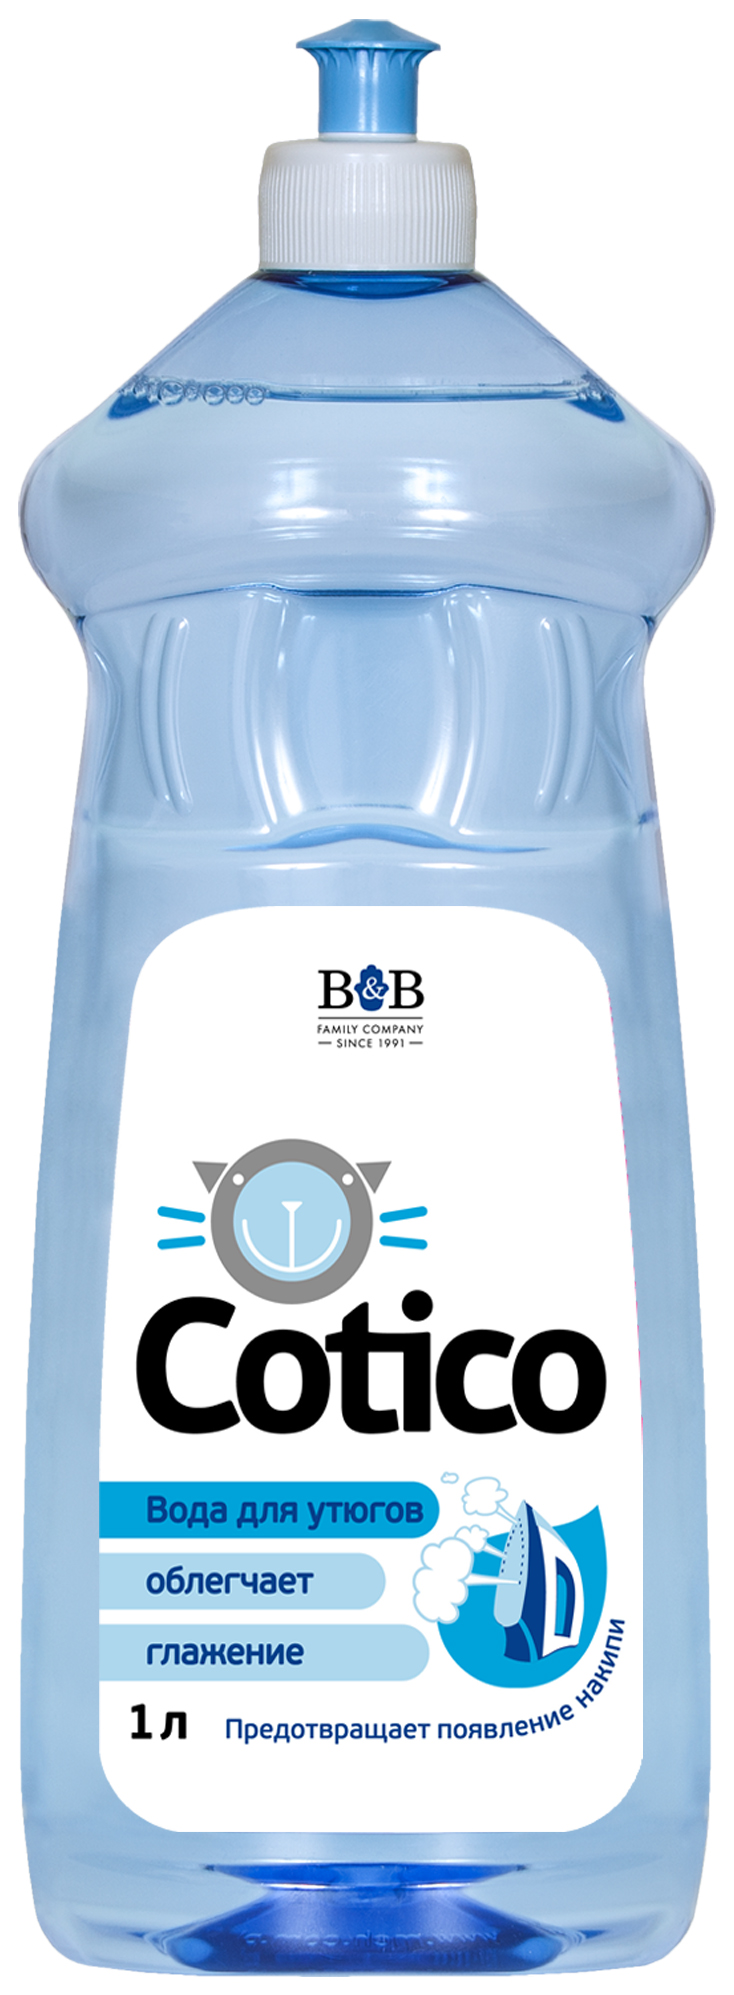 Вода для утюгов COTICO Парфюмированная 1 л